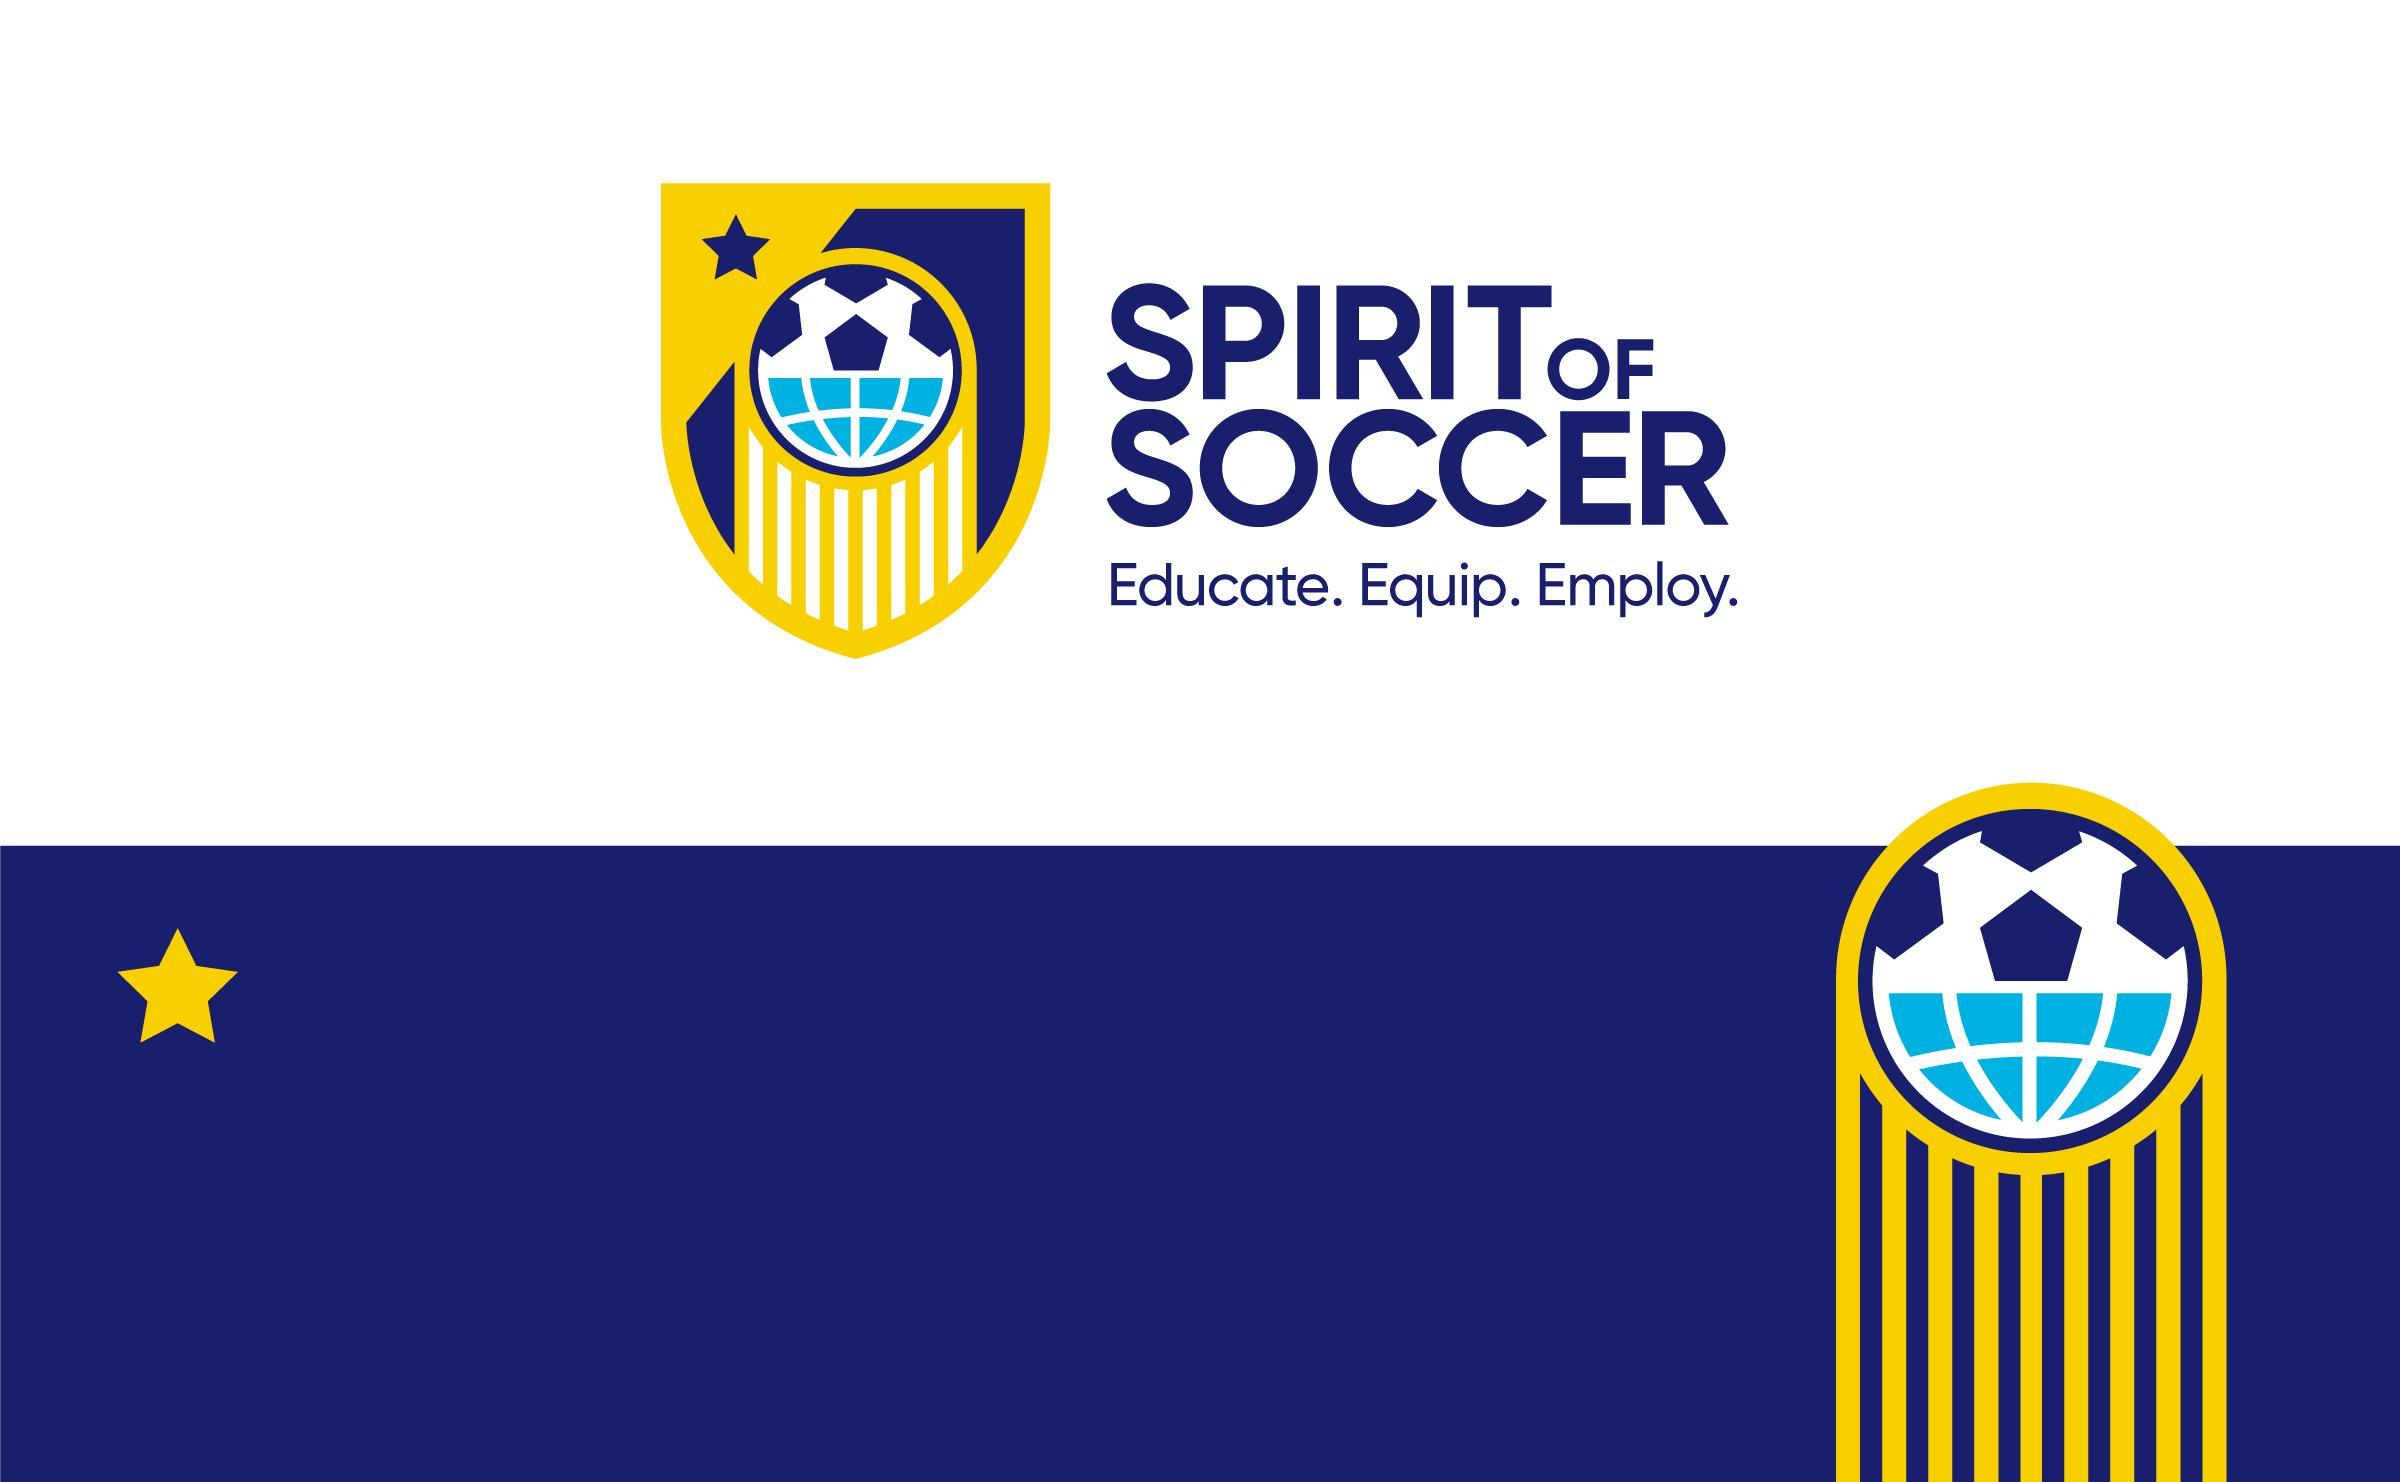 Spirit of Soccer Identity